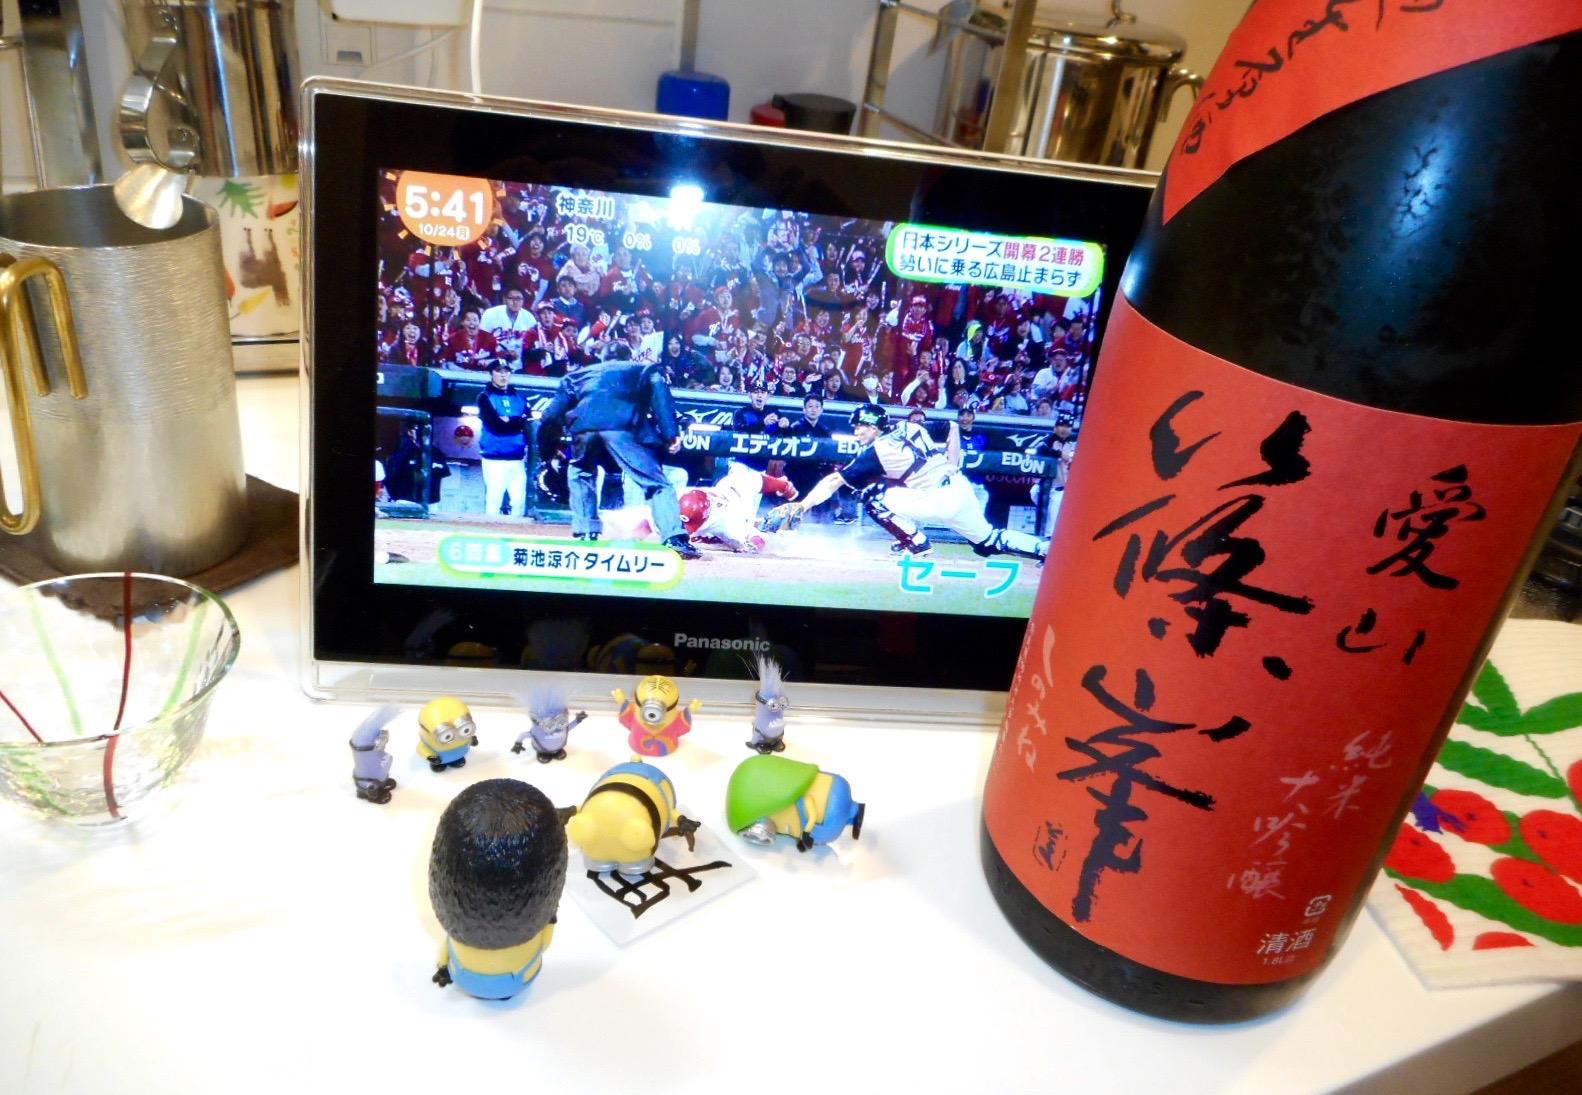 shinomine_aiyama45nama26by1.jpg